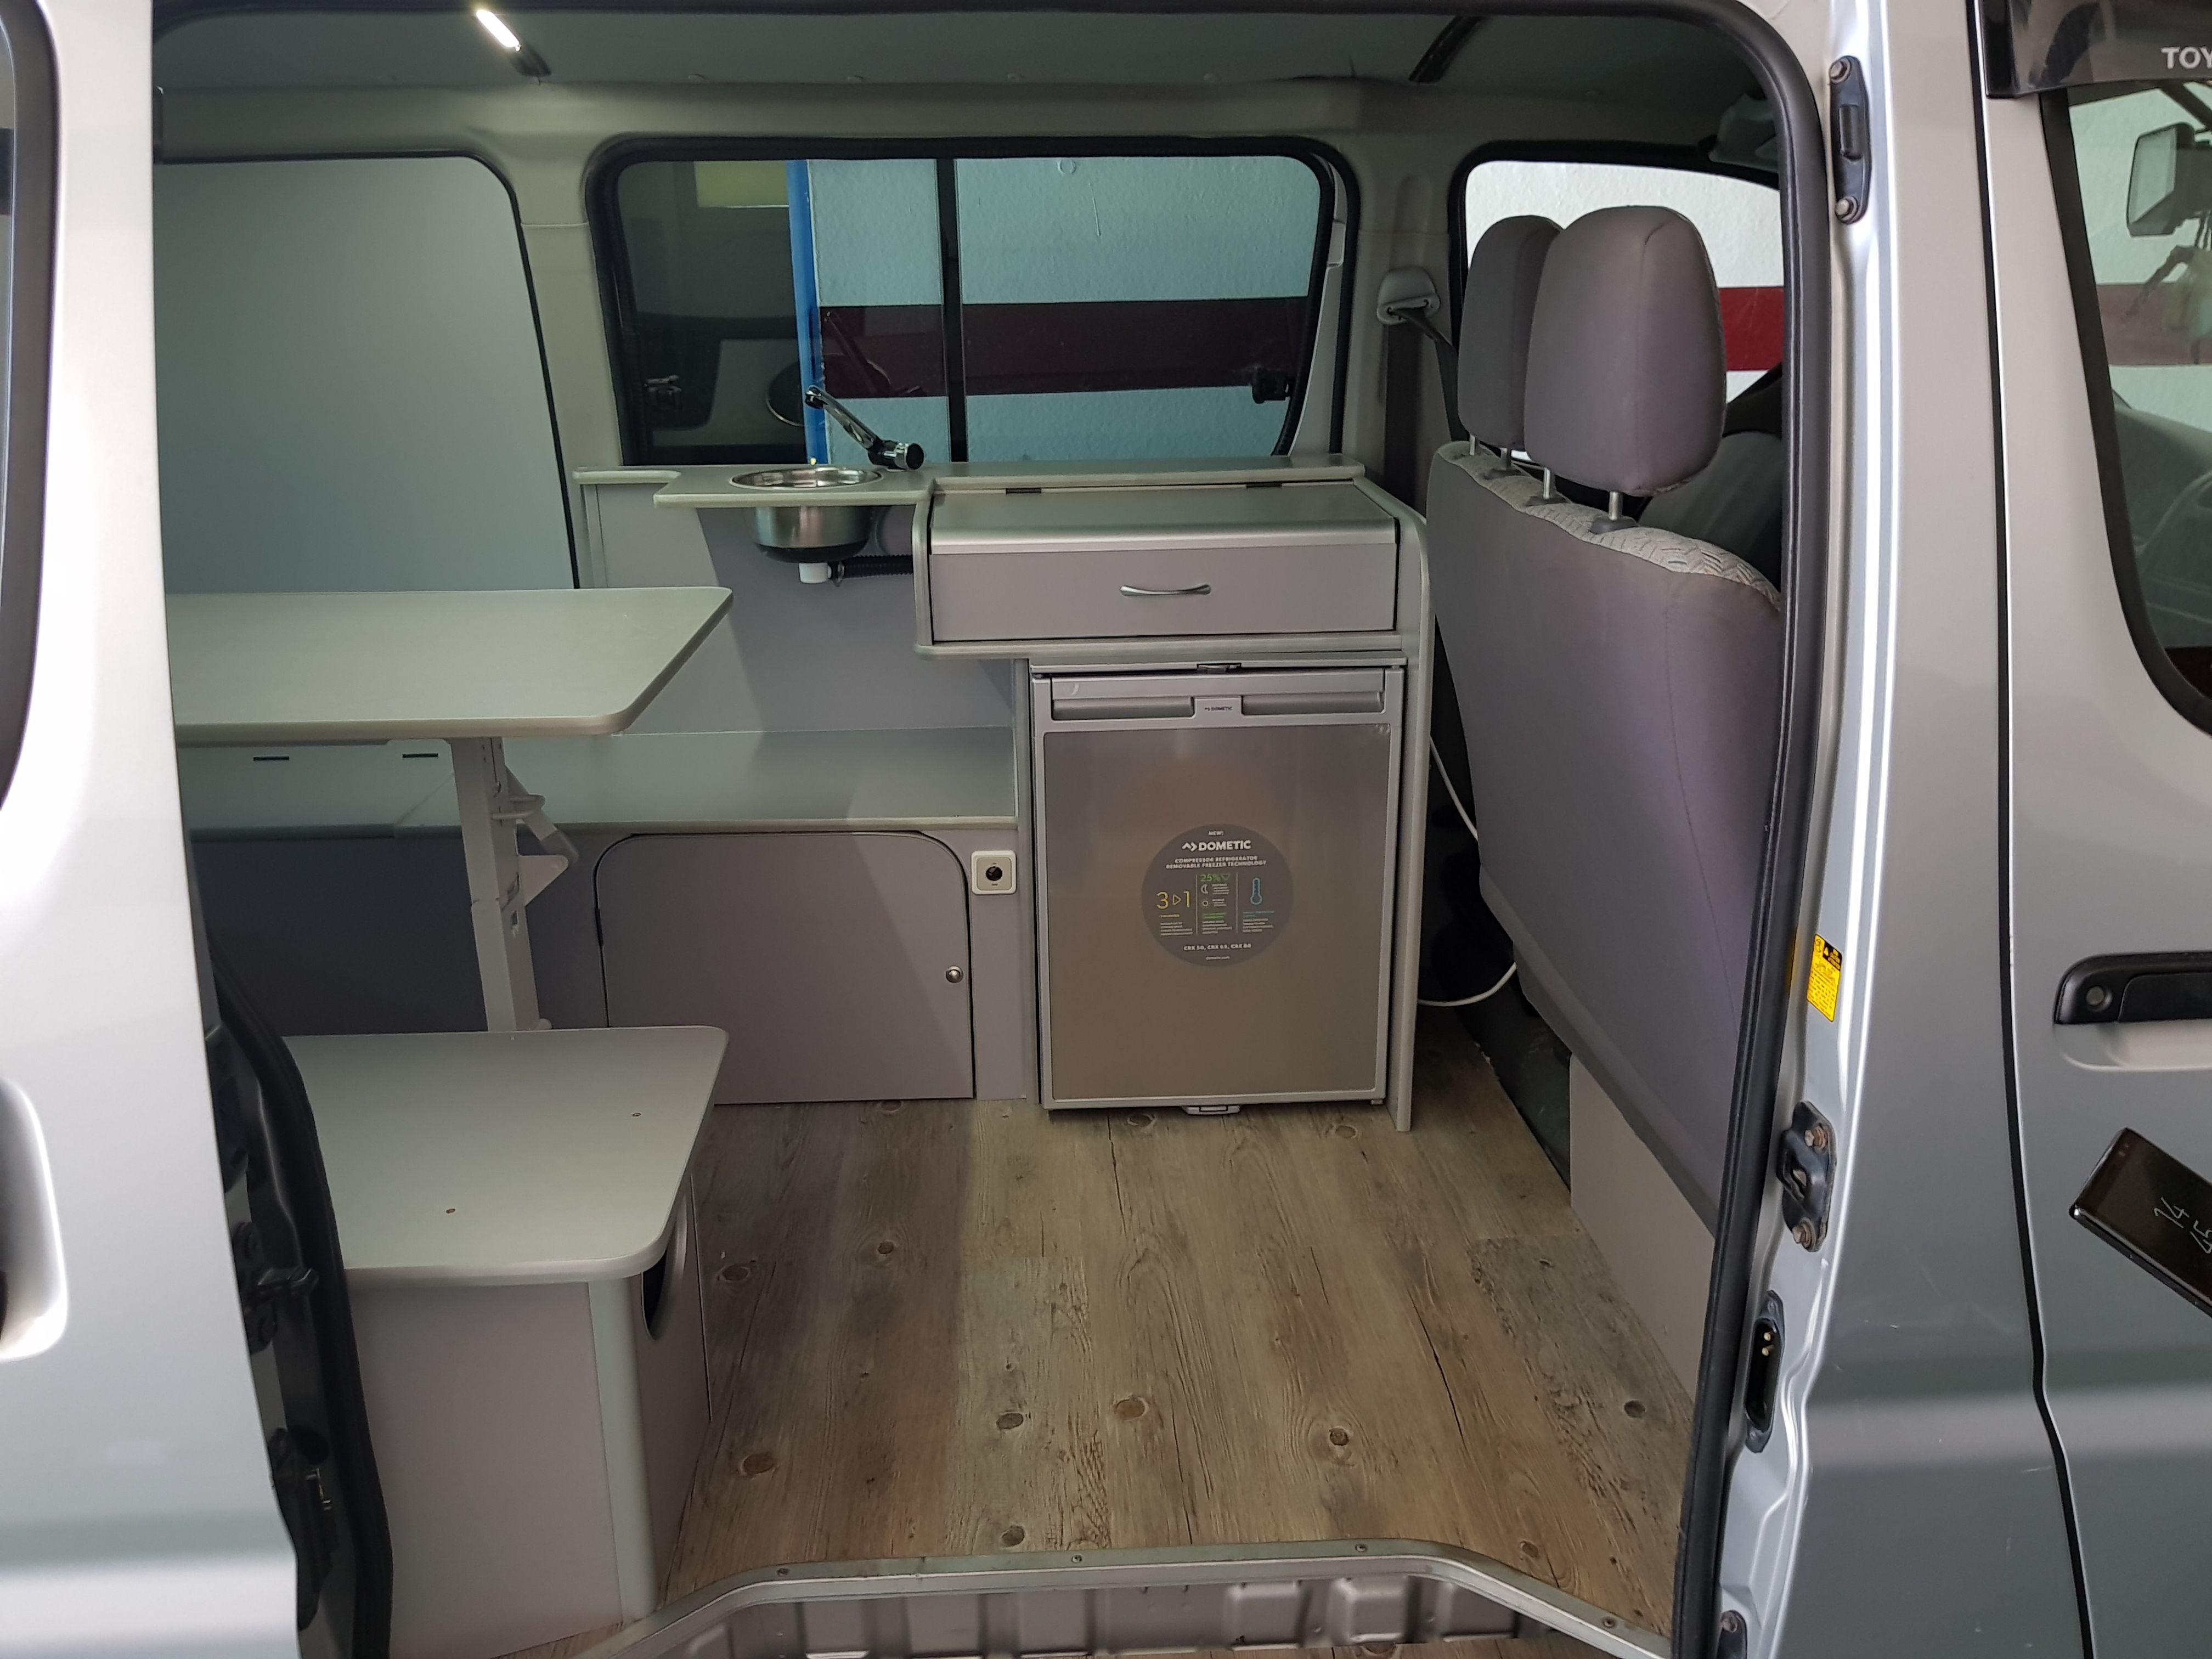 Foto 19 de Taller de furgonetas camperizadas y caravanas en Vecindario | SMV Camper